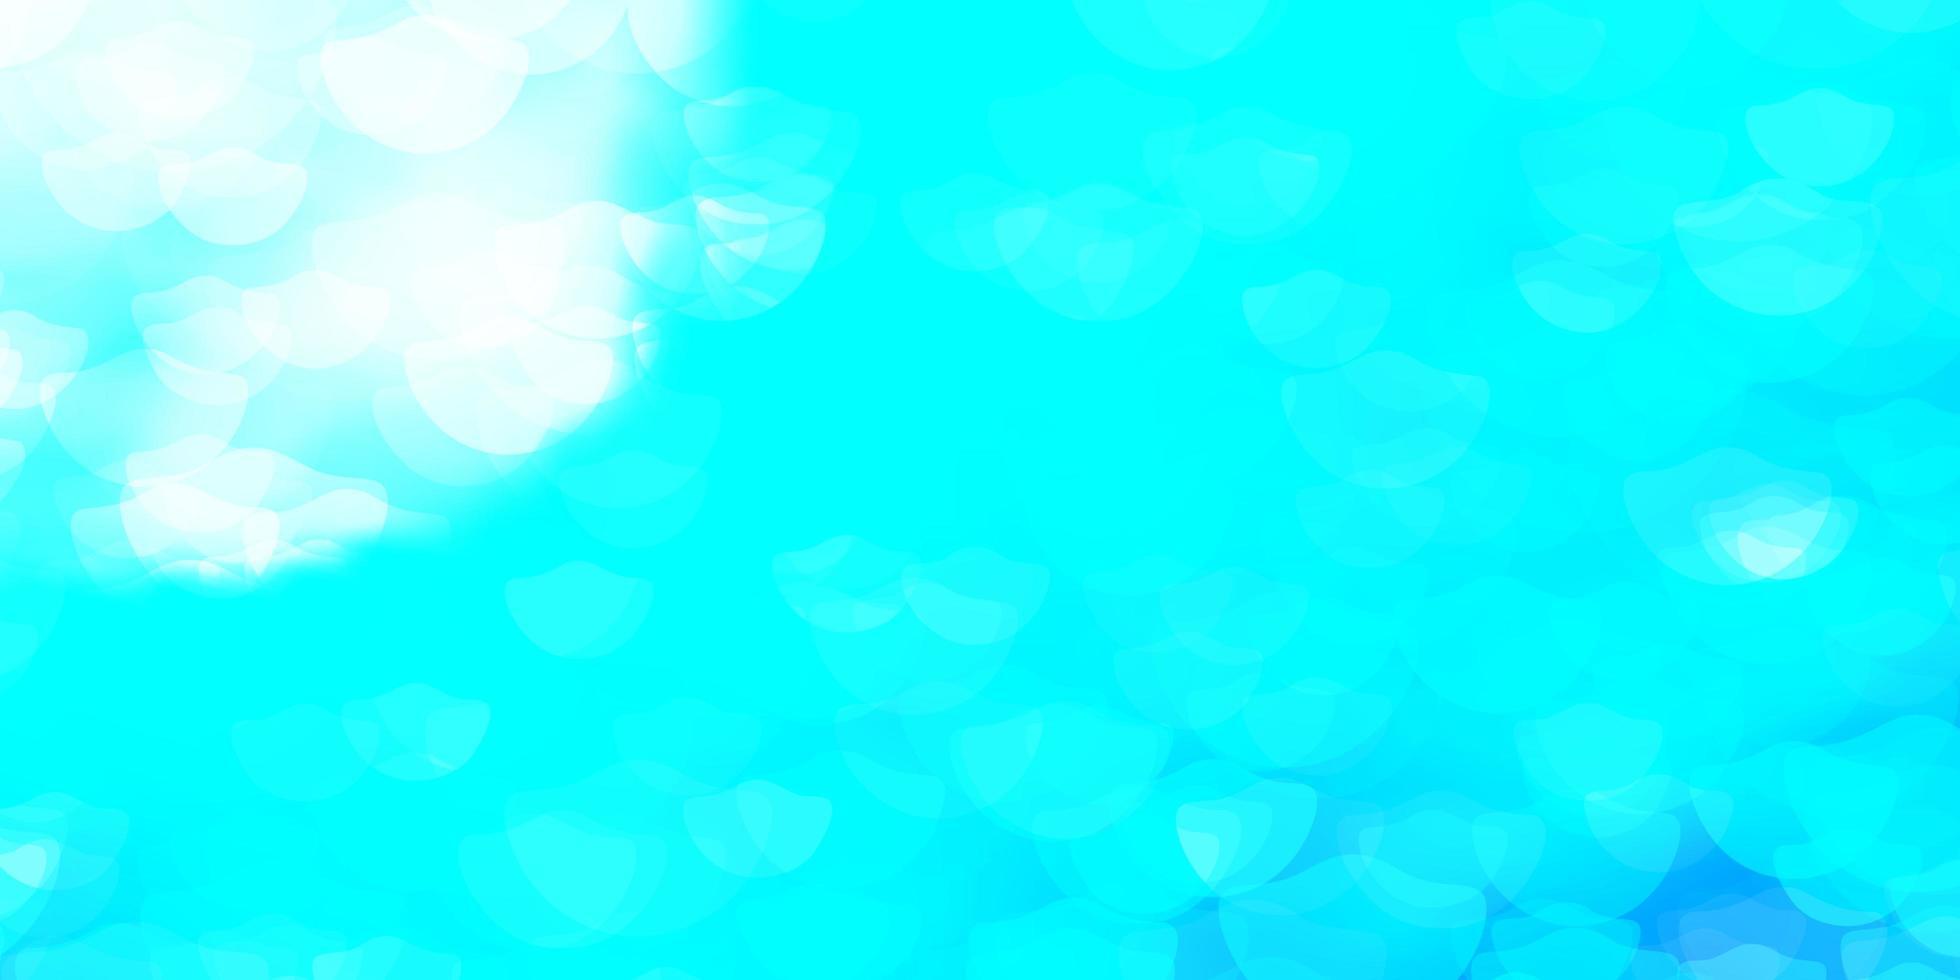 modèle vectoriel bleu clair avec des sphères.